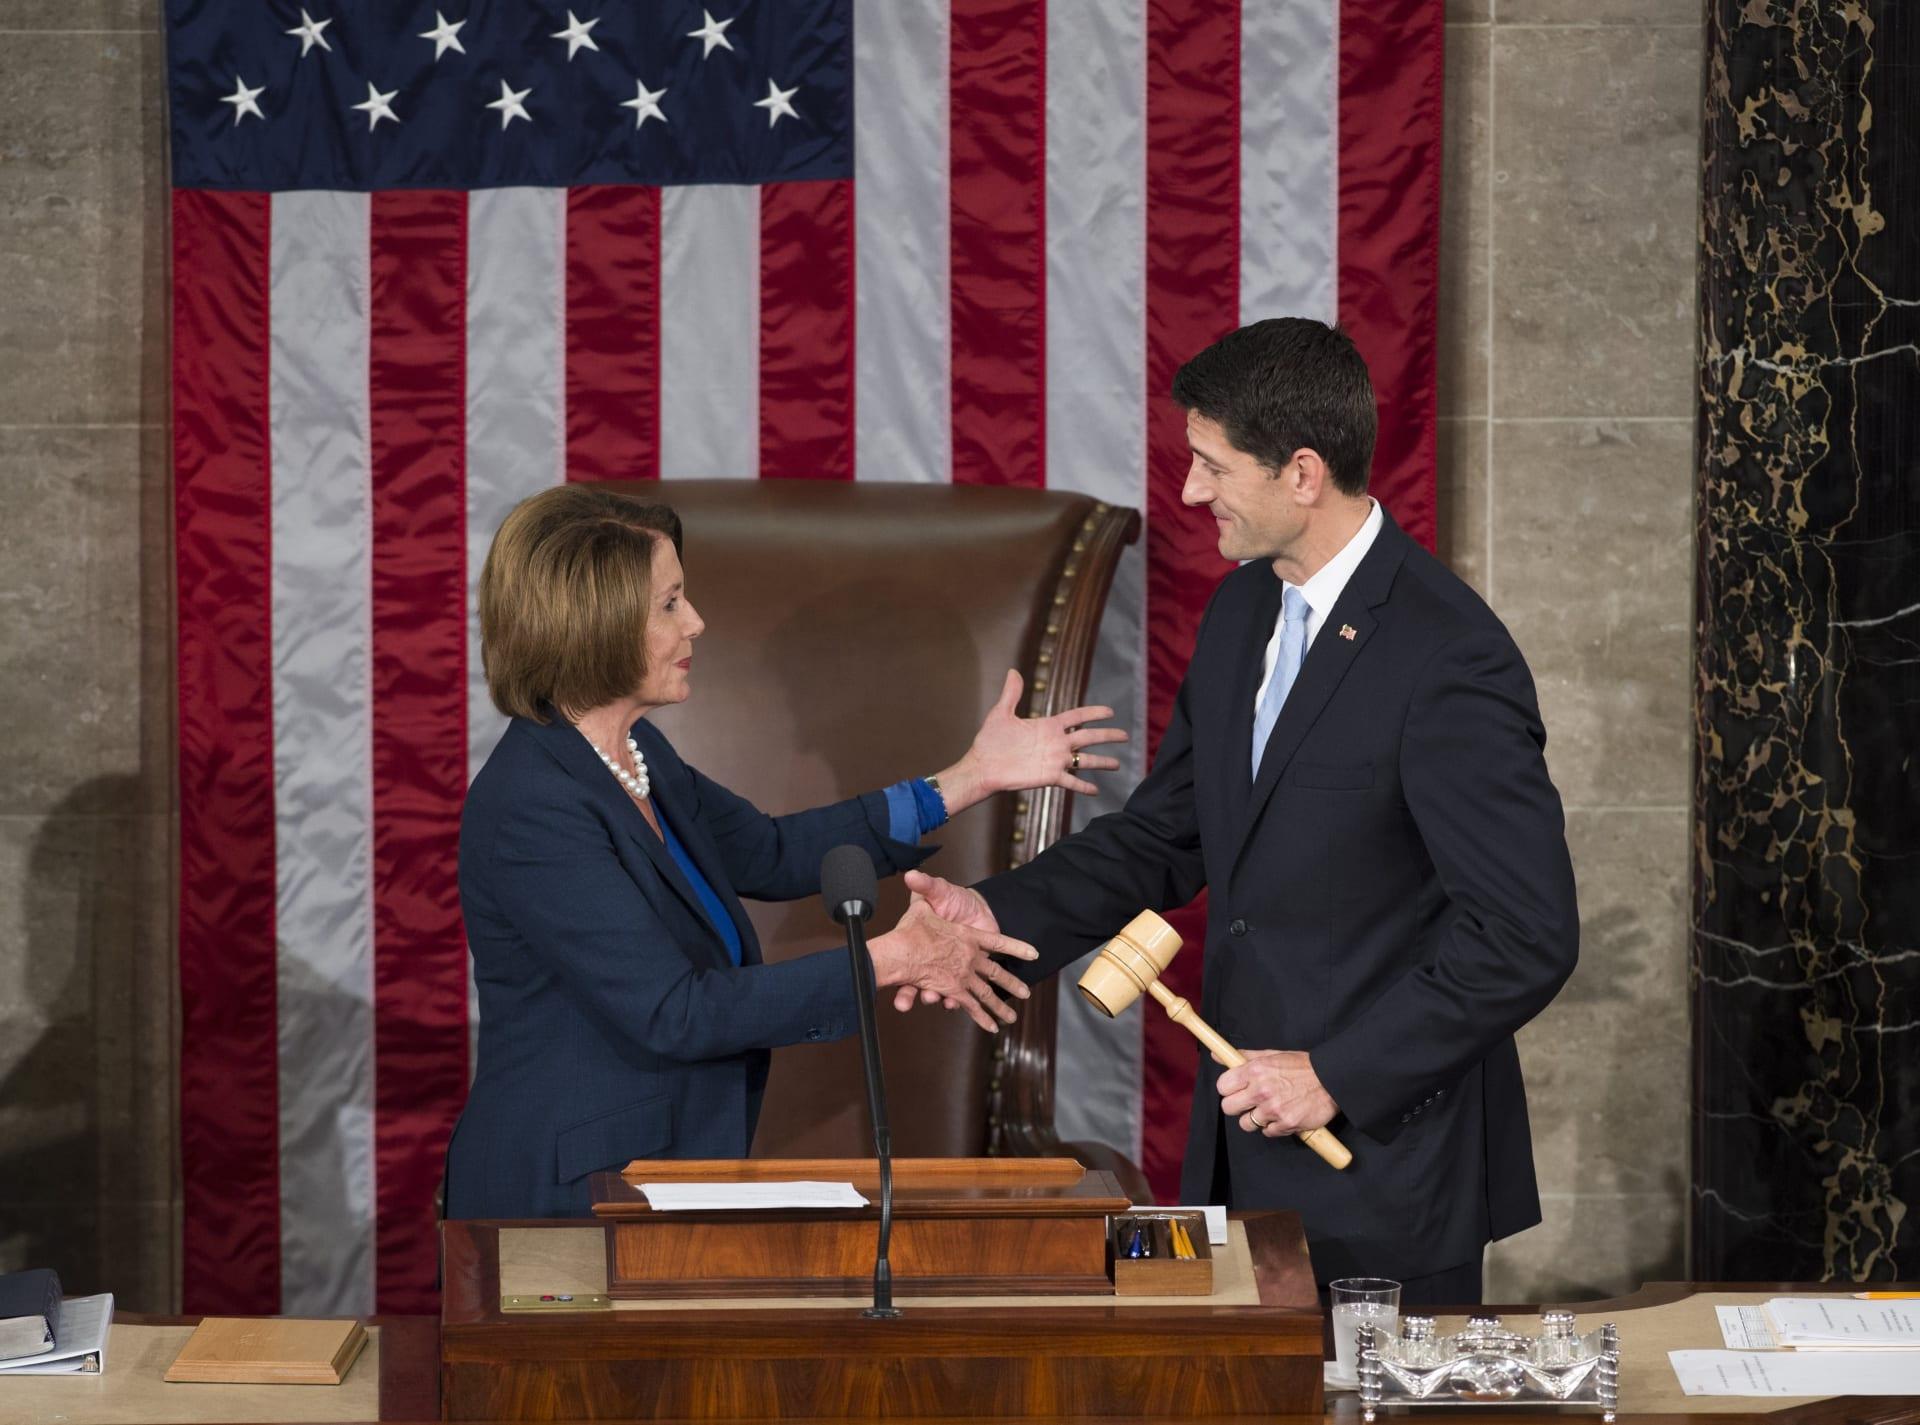 بول ريان يصبح أصغر رئيس لمجلس النواب الأمريكي منذ الحرب الأهلية.. ويتعهد بالعمل على توحيد الأعضاء